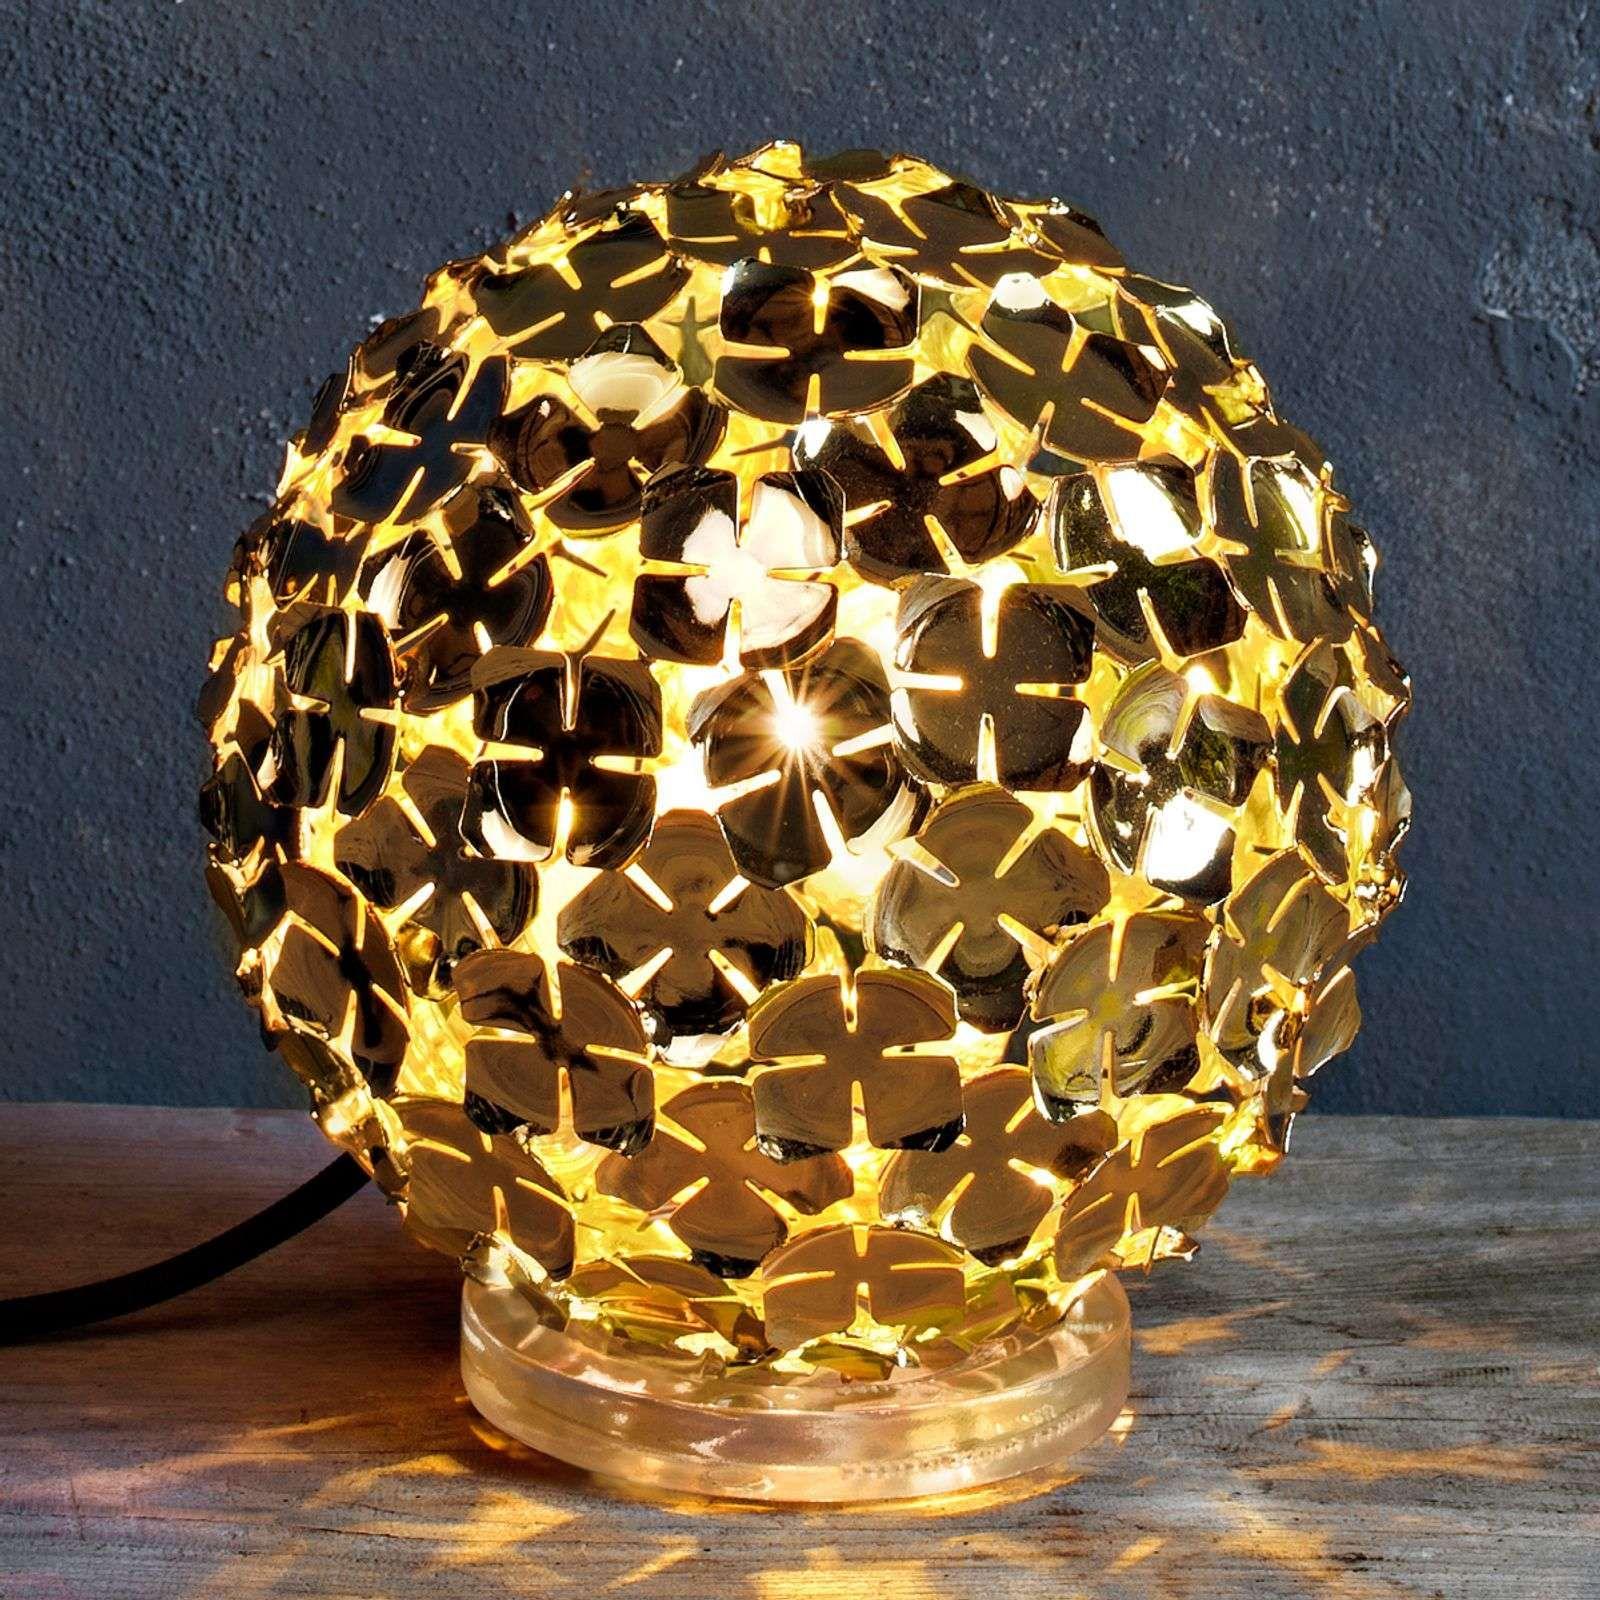 Roze Bureaulamp Kopen Tafellampen Lichtroze Bureaulamp Staande Lamp Met Leeslamp Praxis Schemerlamp Glas Tafellamp Metalen Bloemen Lampenkap